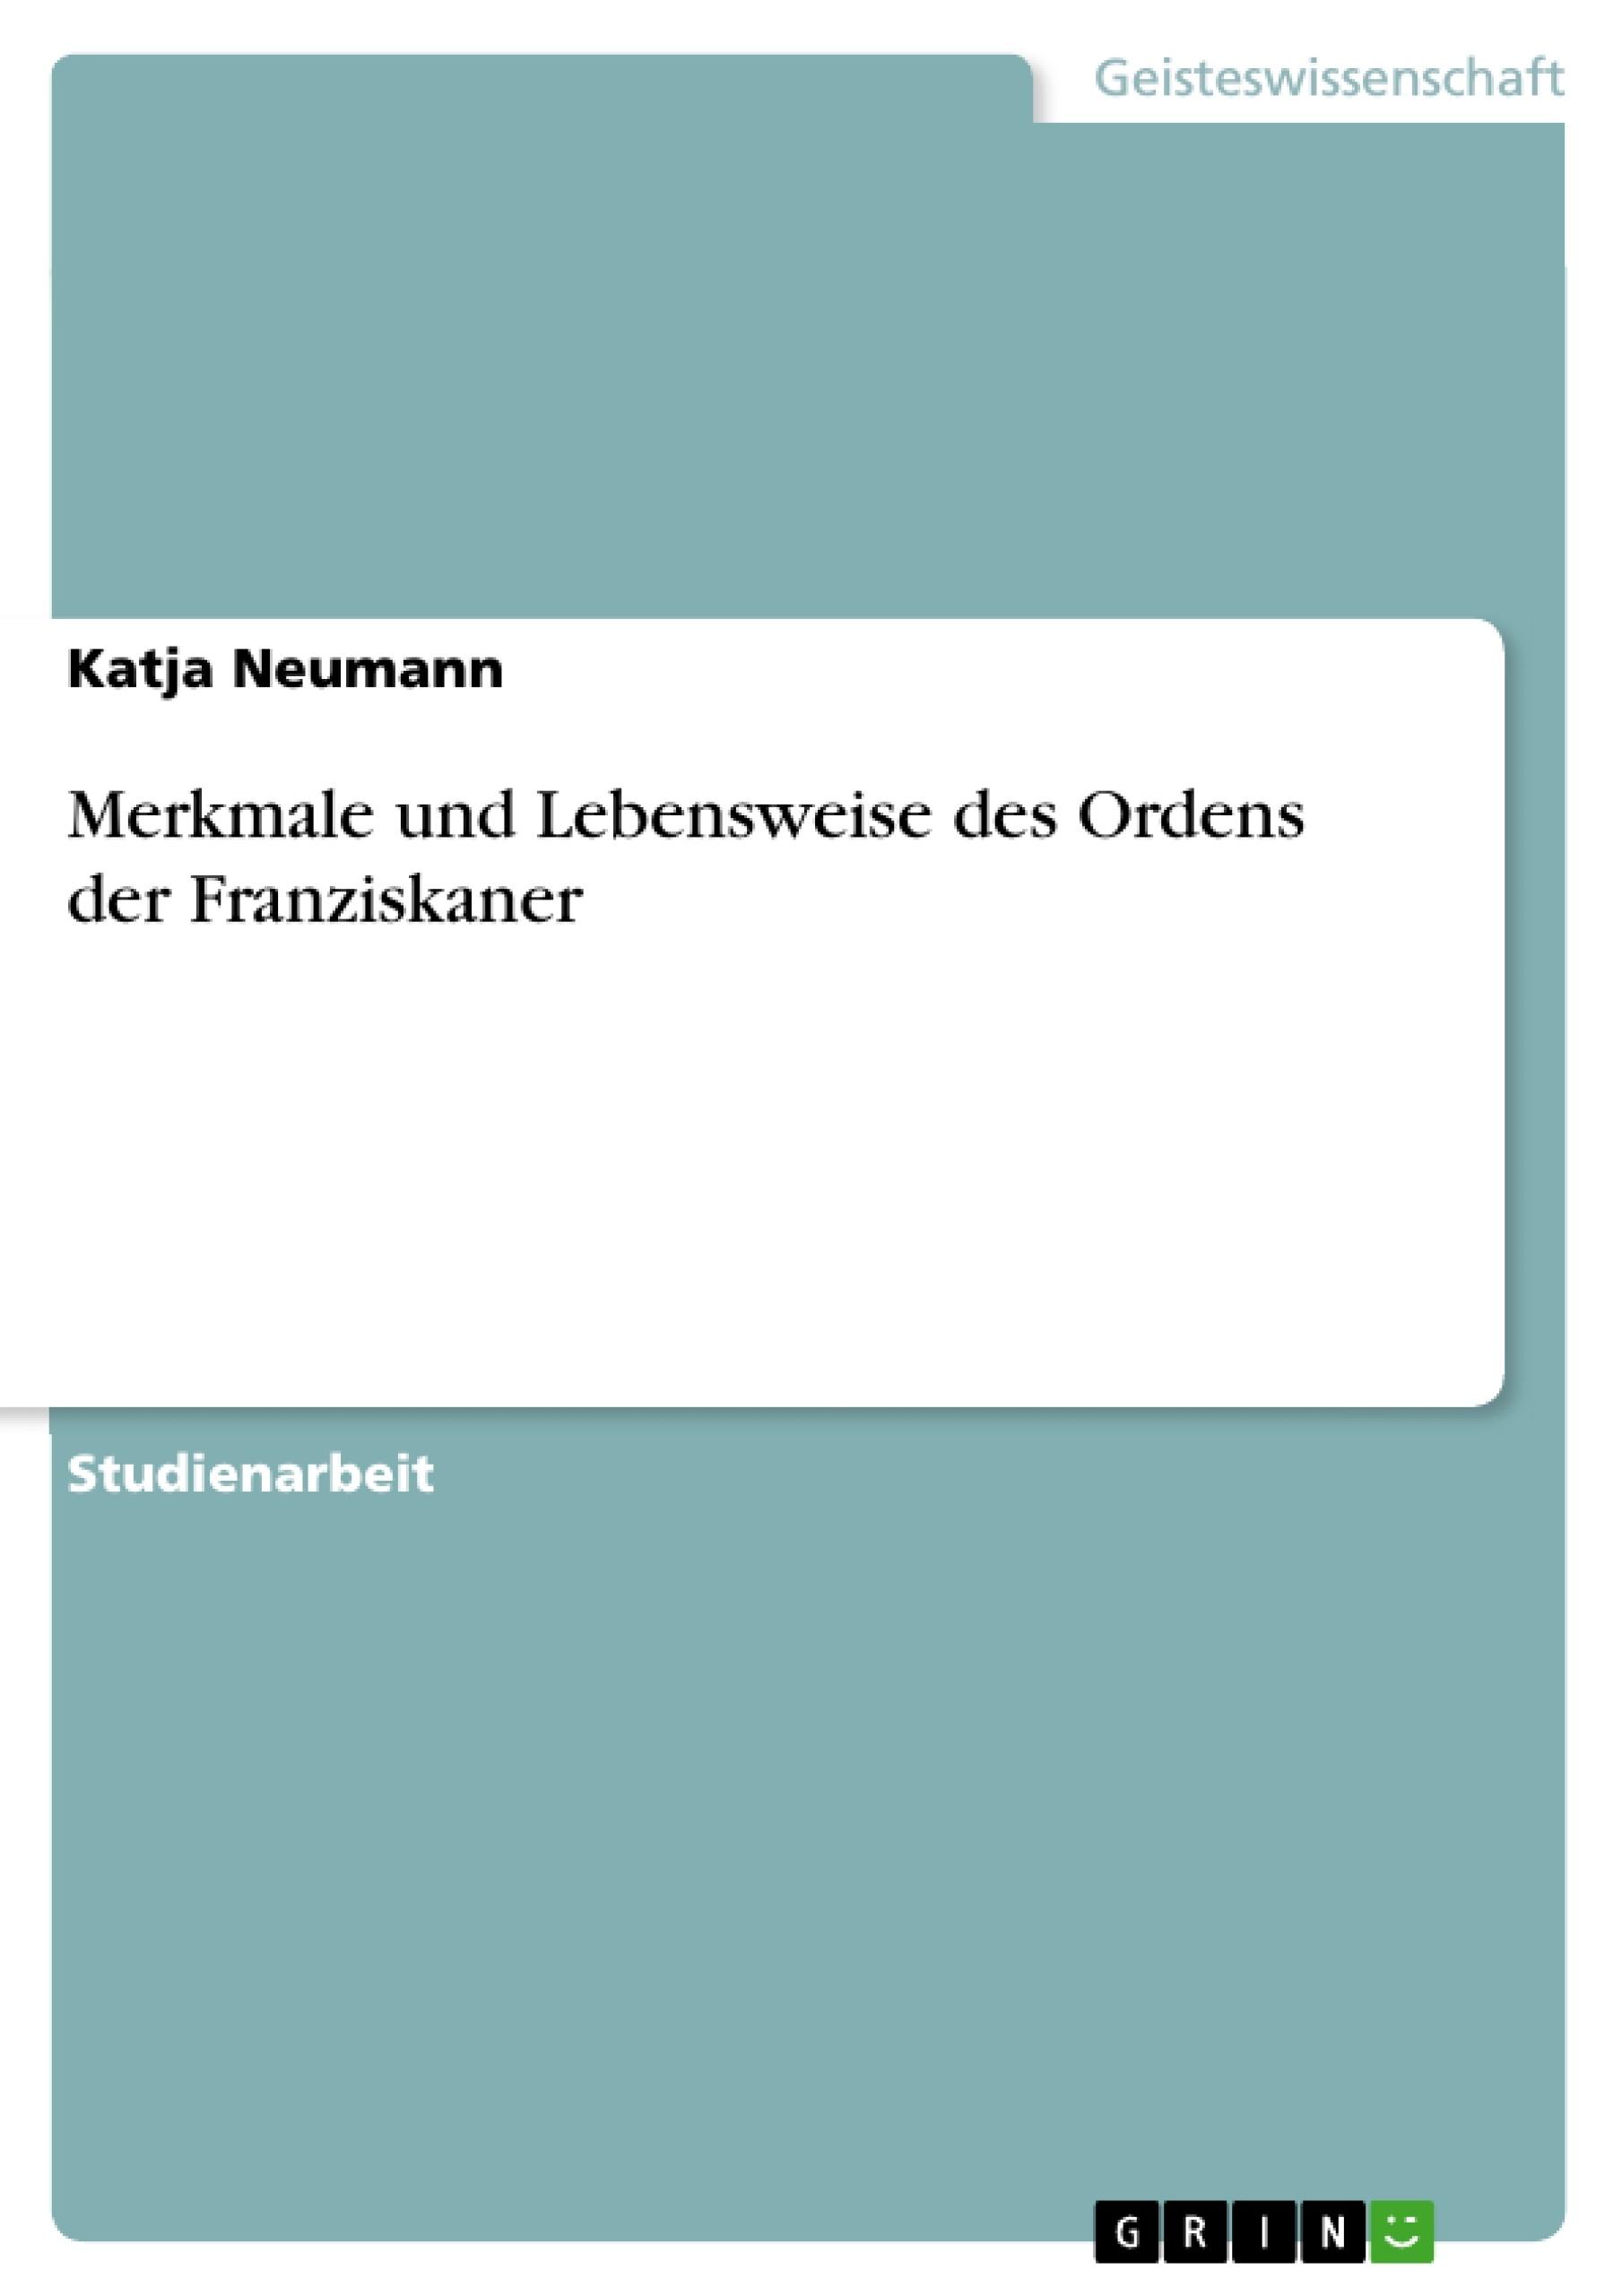 Titel: Merkmale und Lebensweise des Ordens der Franziskaner